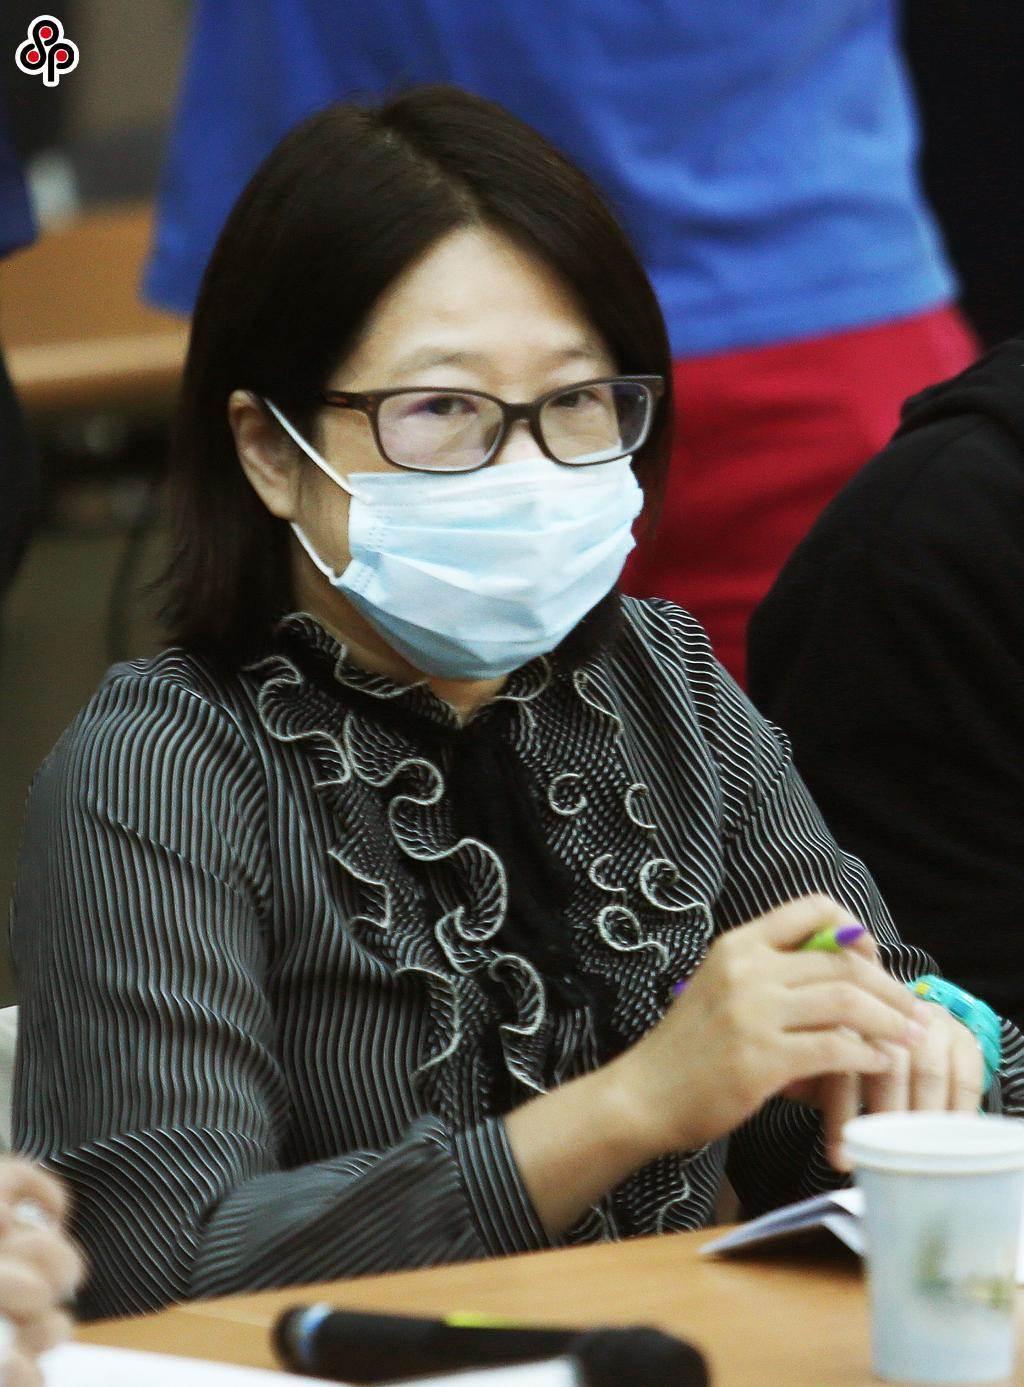 文化大學新聞系副教授陳慧蓉10月26日出席中天新聞台換照聽證會。(本報資料照)